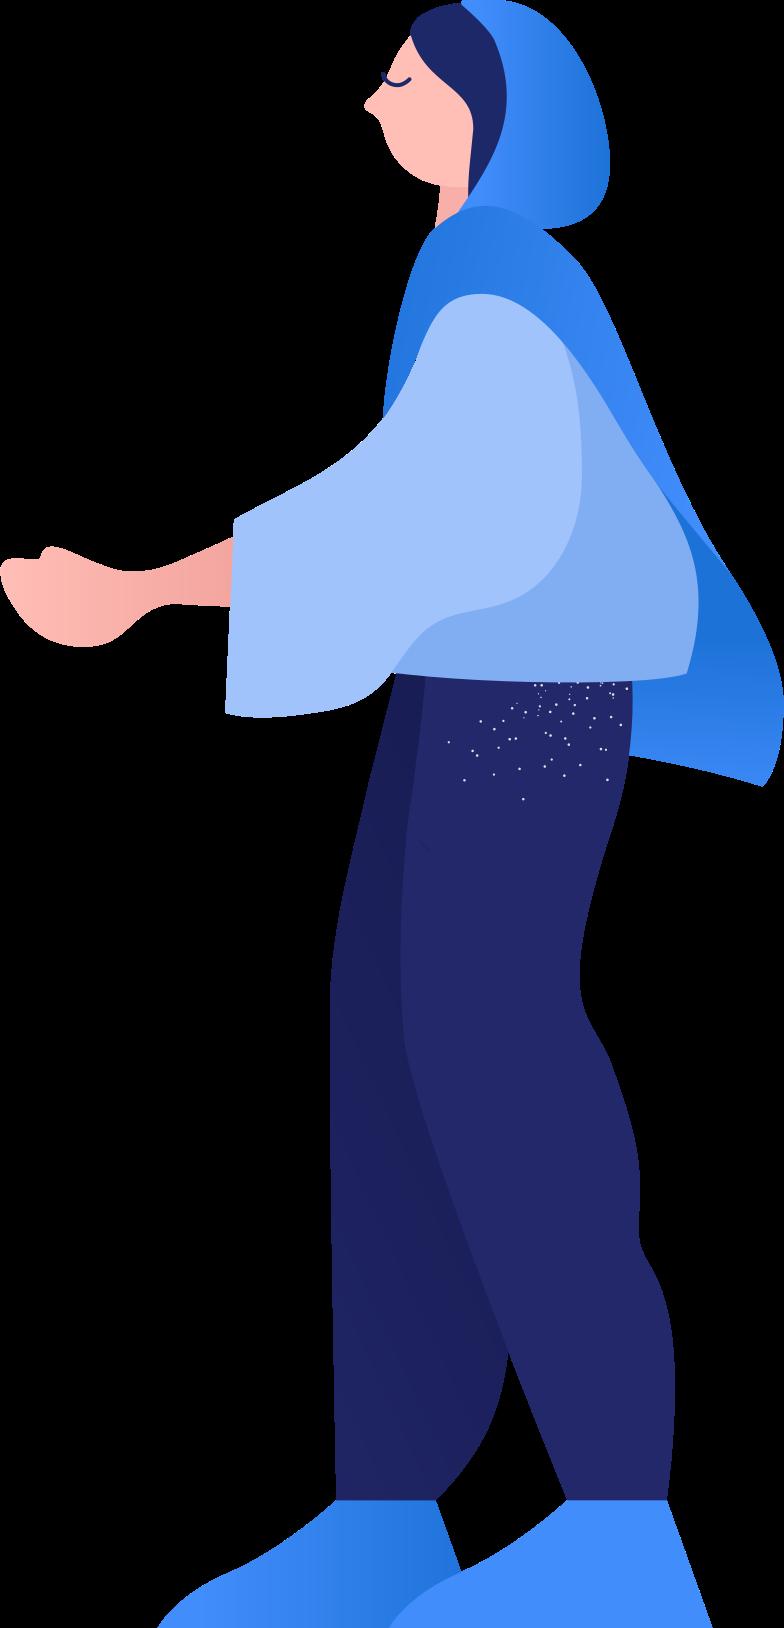 스타일 인도 여성 PNG 및 SVG 형식의 벡터 이미지   Icons8 일러스트레이션